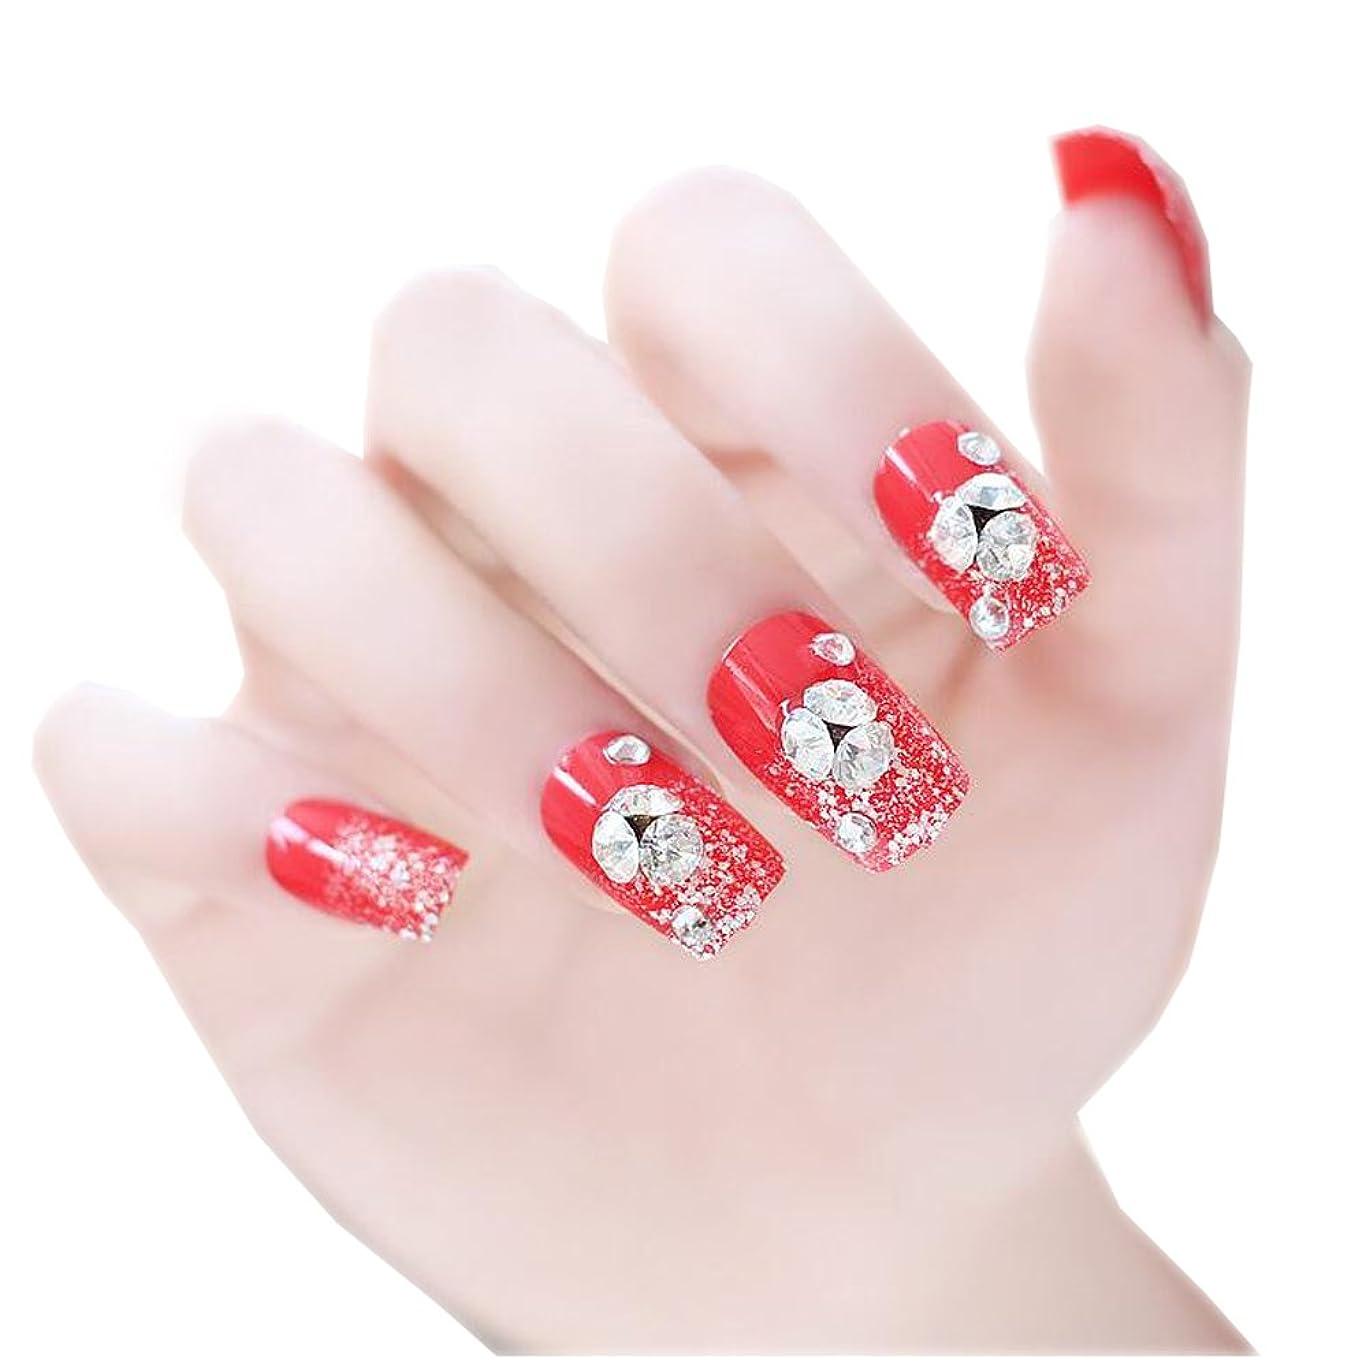 ほかに離れて誤24個のPCS結婚式の花嫁の人工爪ガム(赤)